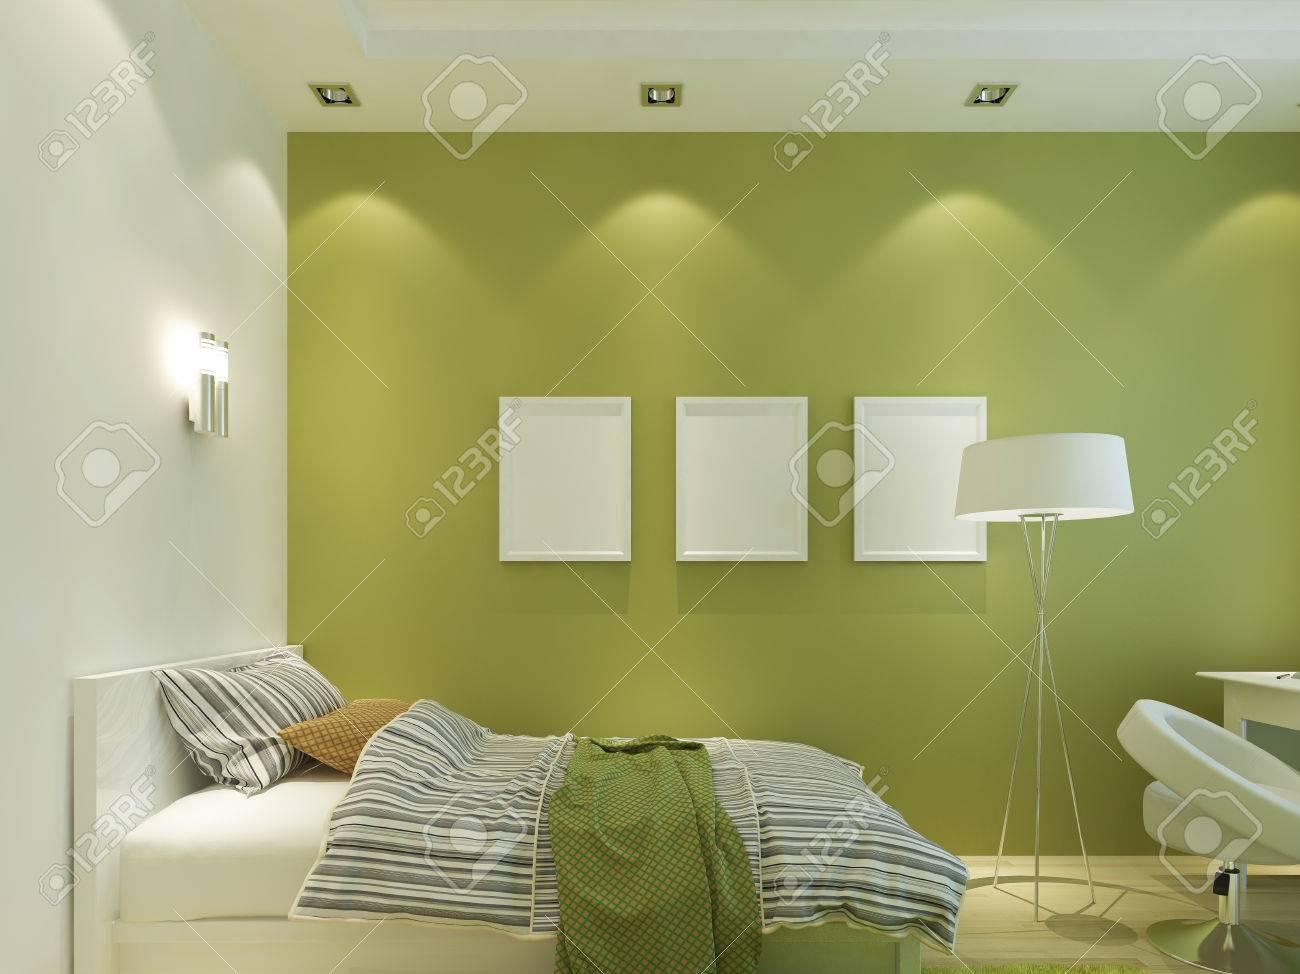 la chambre des enfants modernes de couleur verte avec des affiches facettises sur le mur et le lit rendu 3d